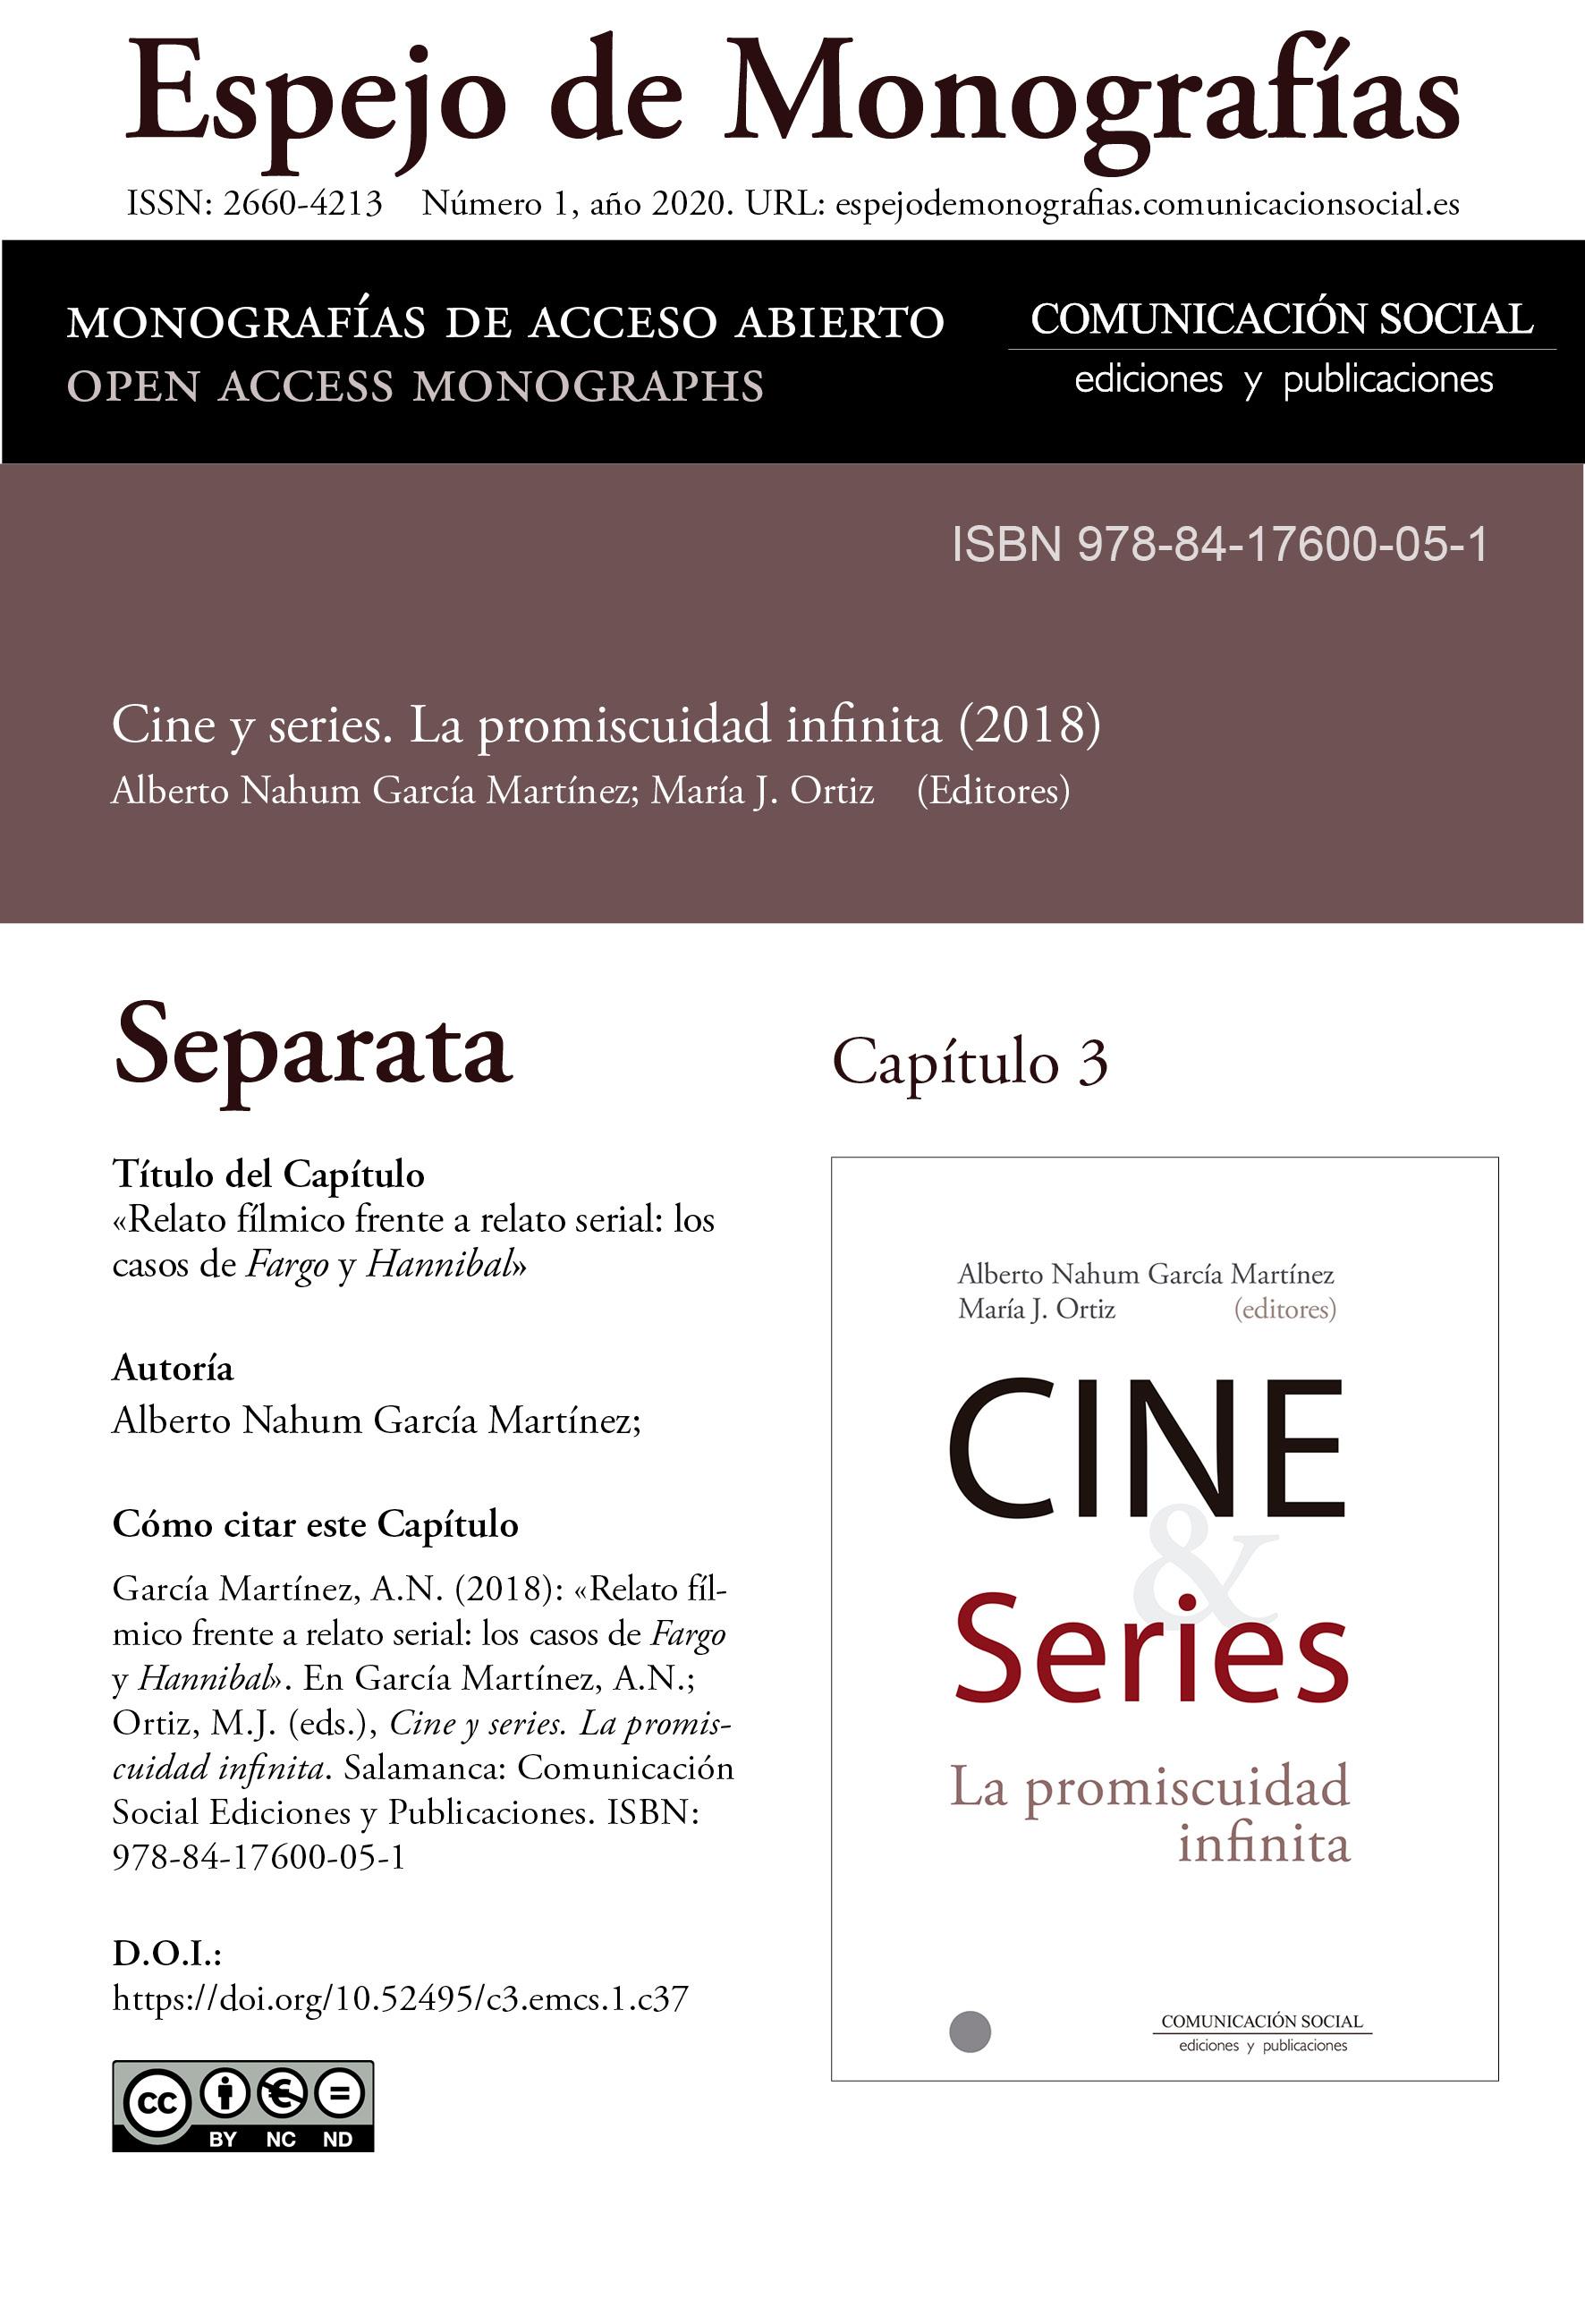 Separata del Capítulo 3 correspondiente a la monografía Cine y series: la promiscuidad infinita